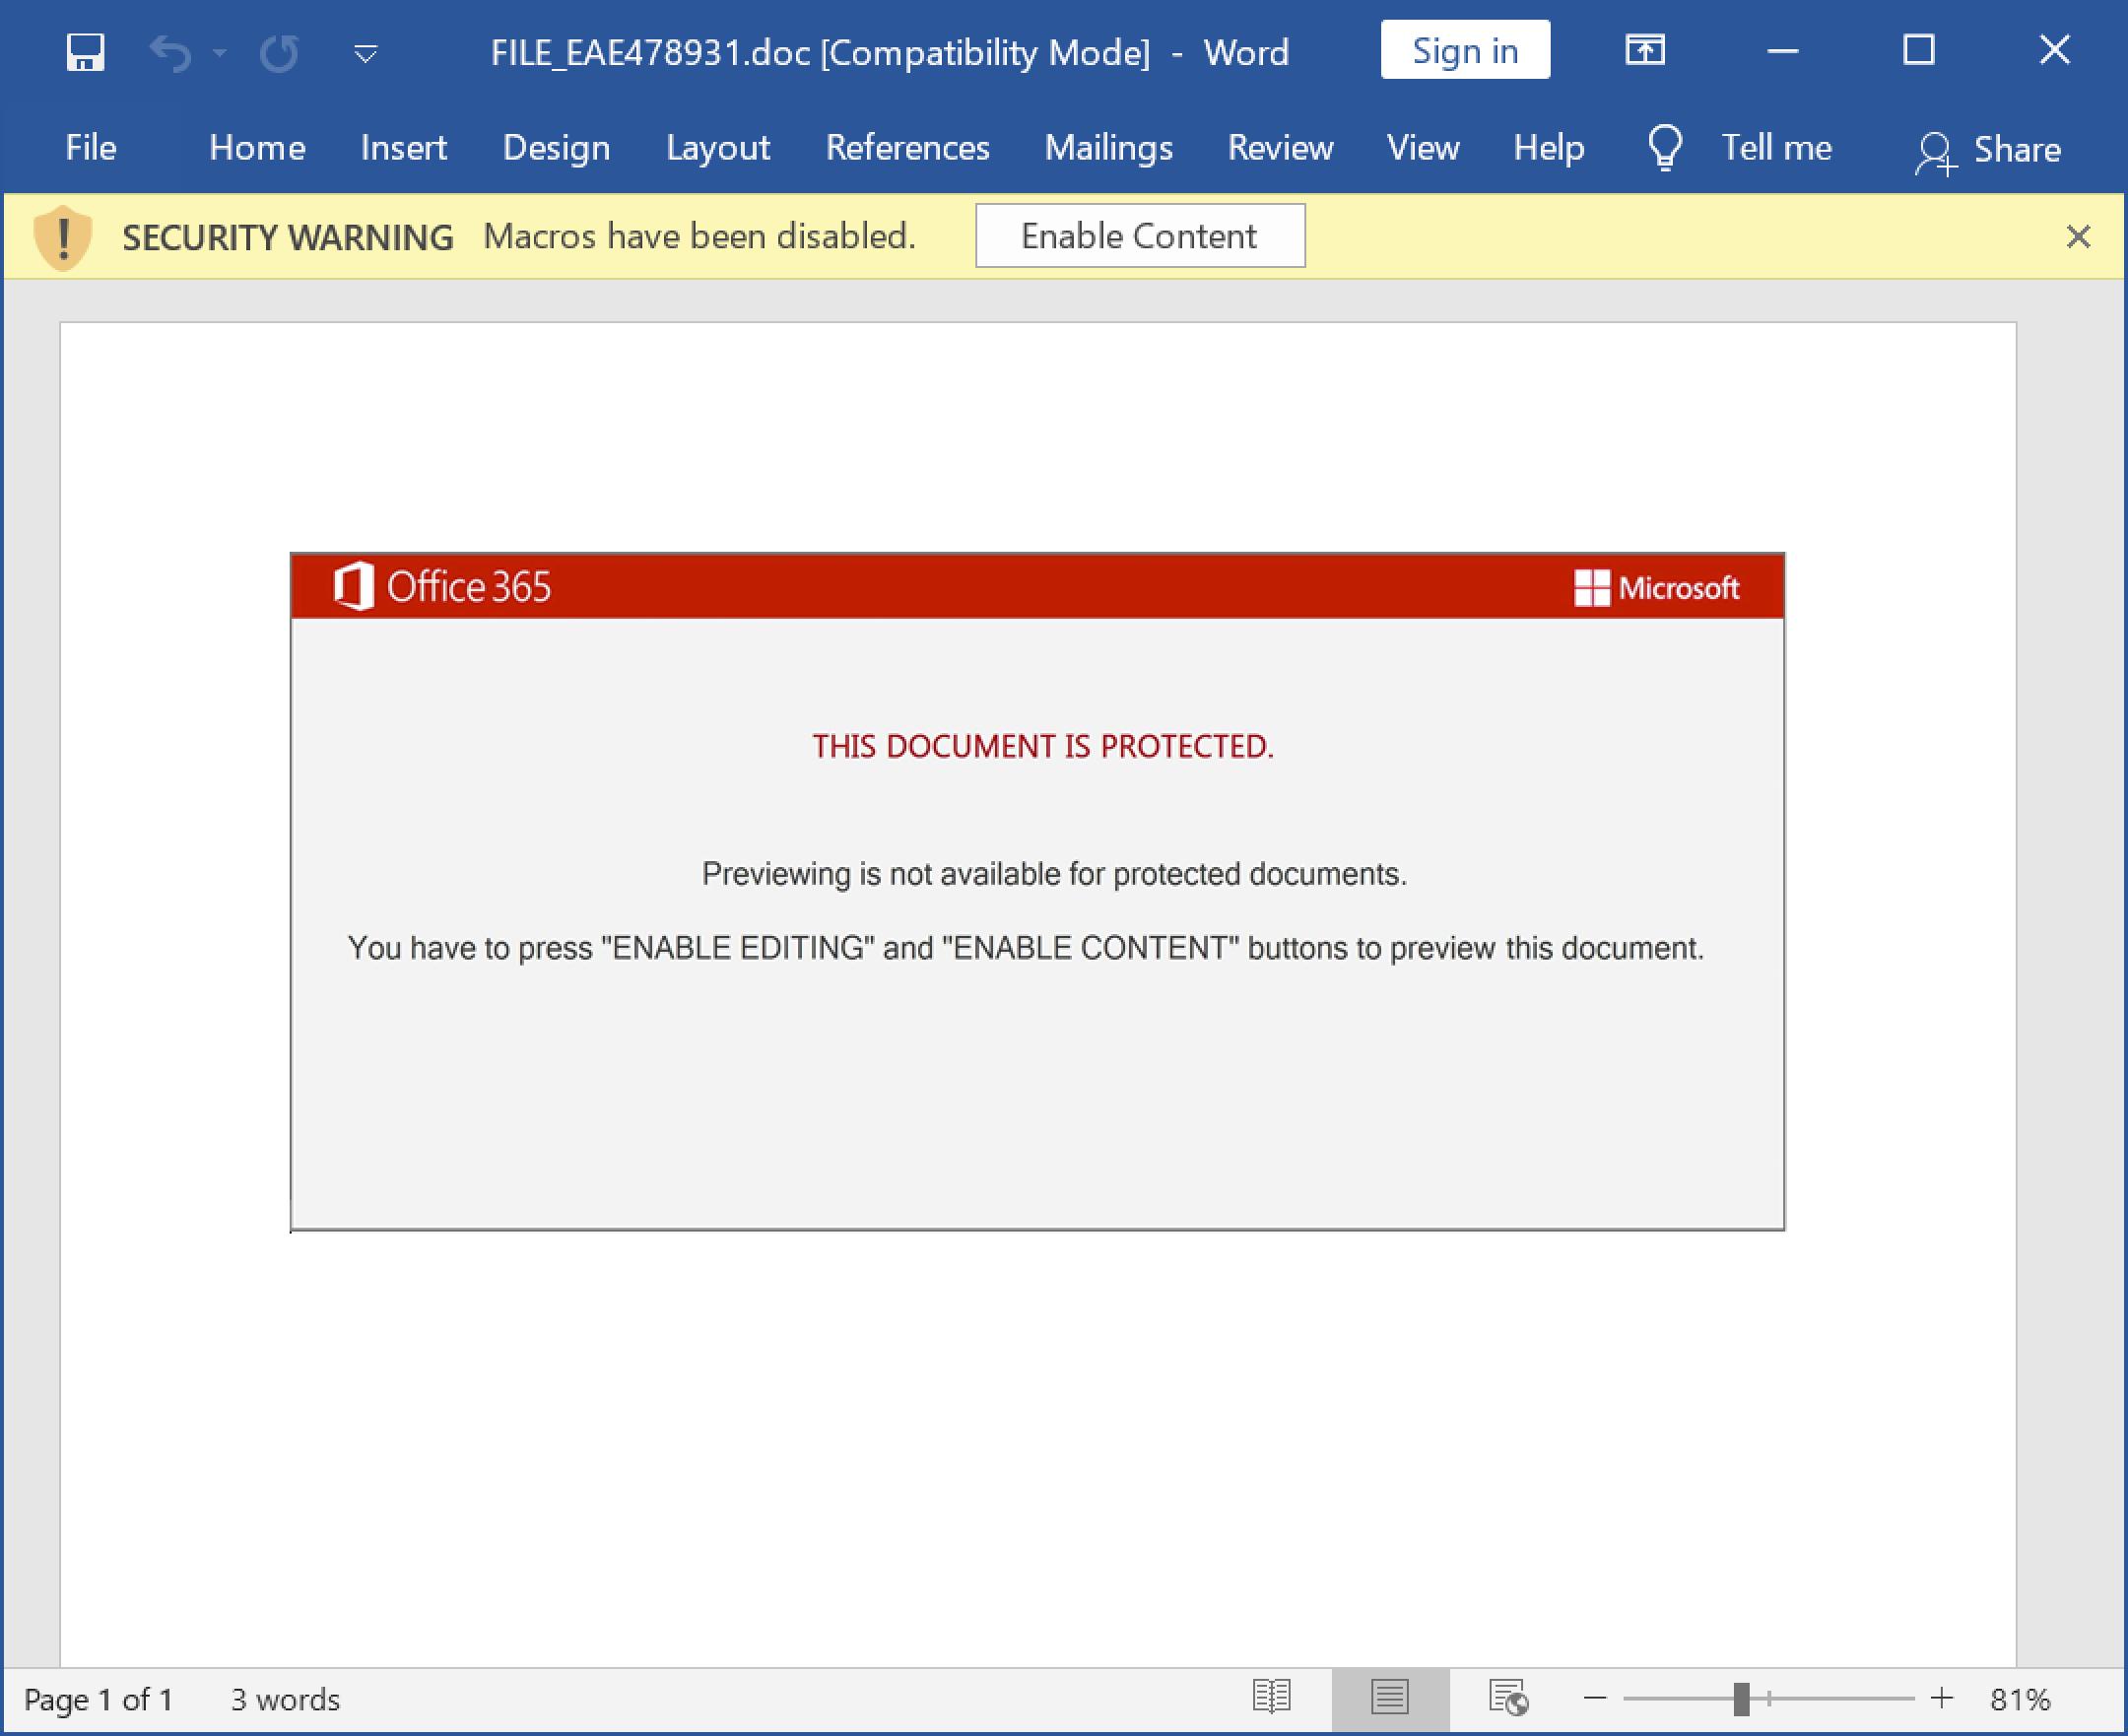 """ここに示したWord文書は、2021年1月にEmotet感染を引き起こすのに使用されたものです。スクリーンショットのメッセージに注意してください「This document is protected. (このドキュメントは保護されています。)Previewing is not available for protected documents. (保護されたドキュメントではプレビューを利用できません。)You have to press """"ENABLE EDITING"""" and """"ENABLE CONTENT"""" buttons to preview this document. (このドキュメントをプレビューするには、[ENABLE EDITING (編集を有効にする)]ボタンと[ENABLE CONTENT (コンテンツを有効にする)]ボタンを押す必要があります。)"""